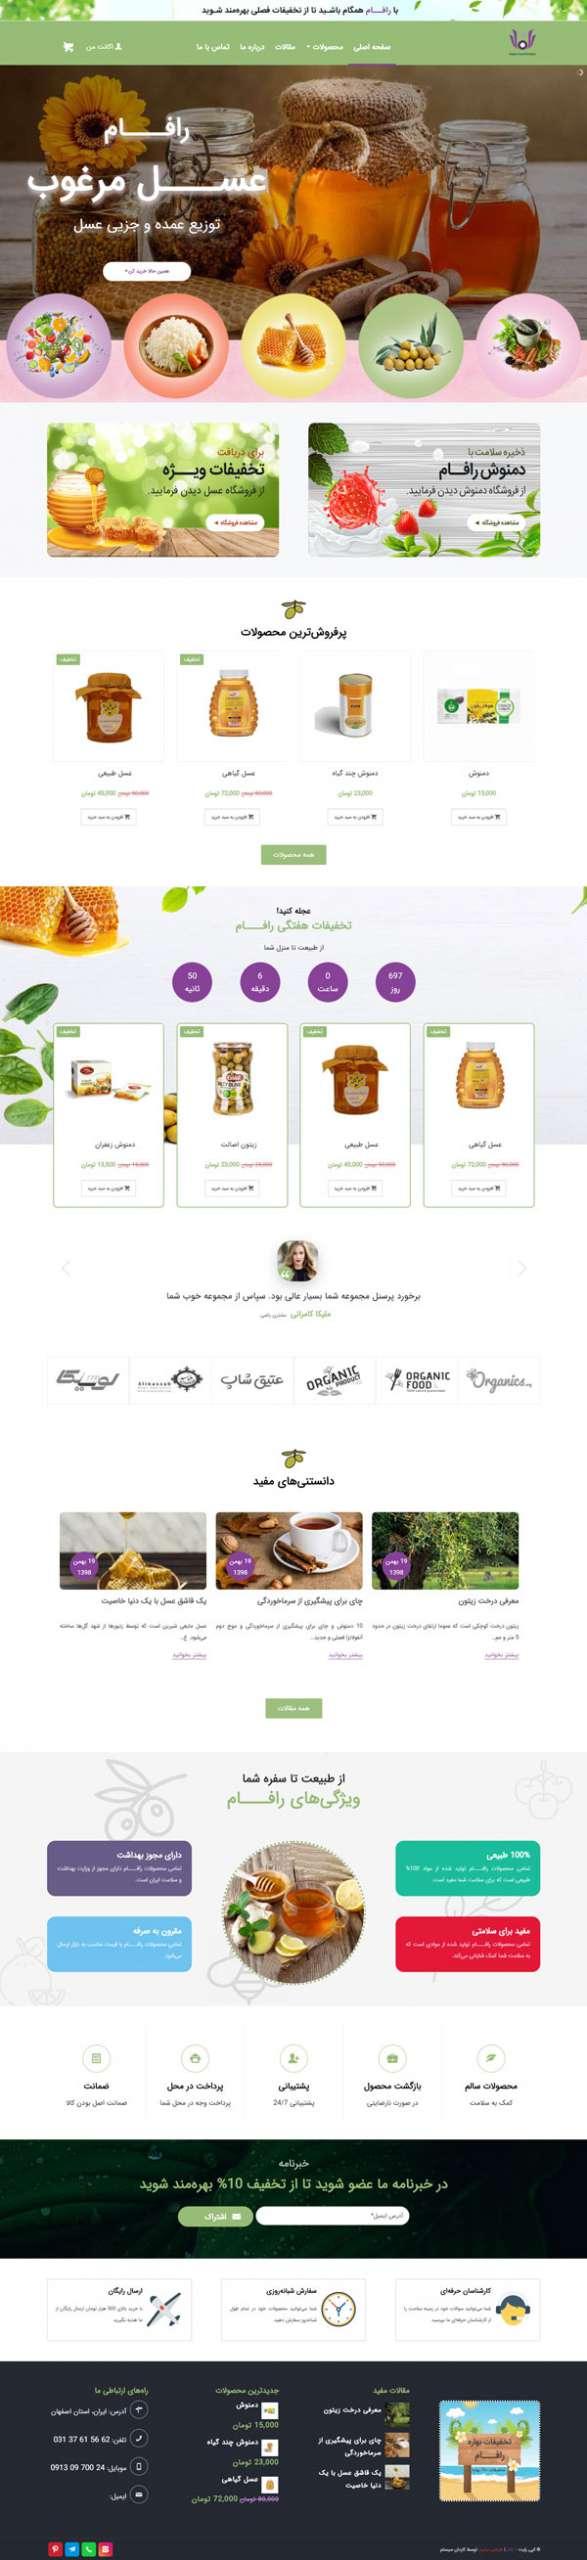 طراحی سایت رافام | فروشگاه مواد غذایی